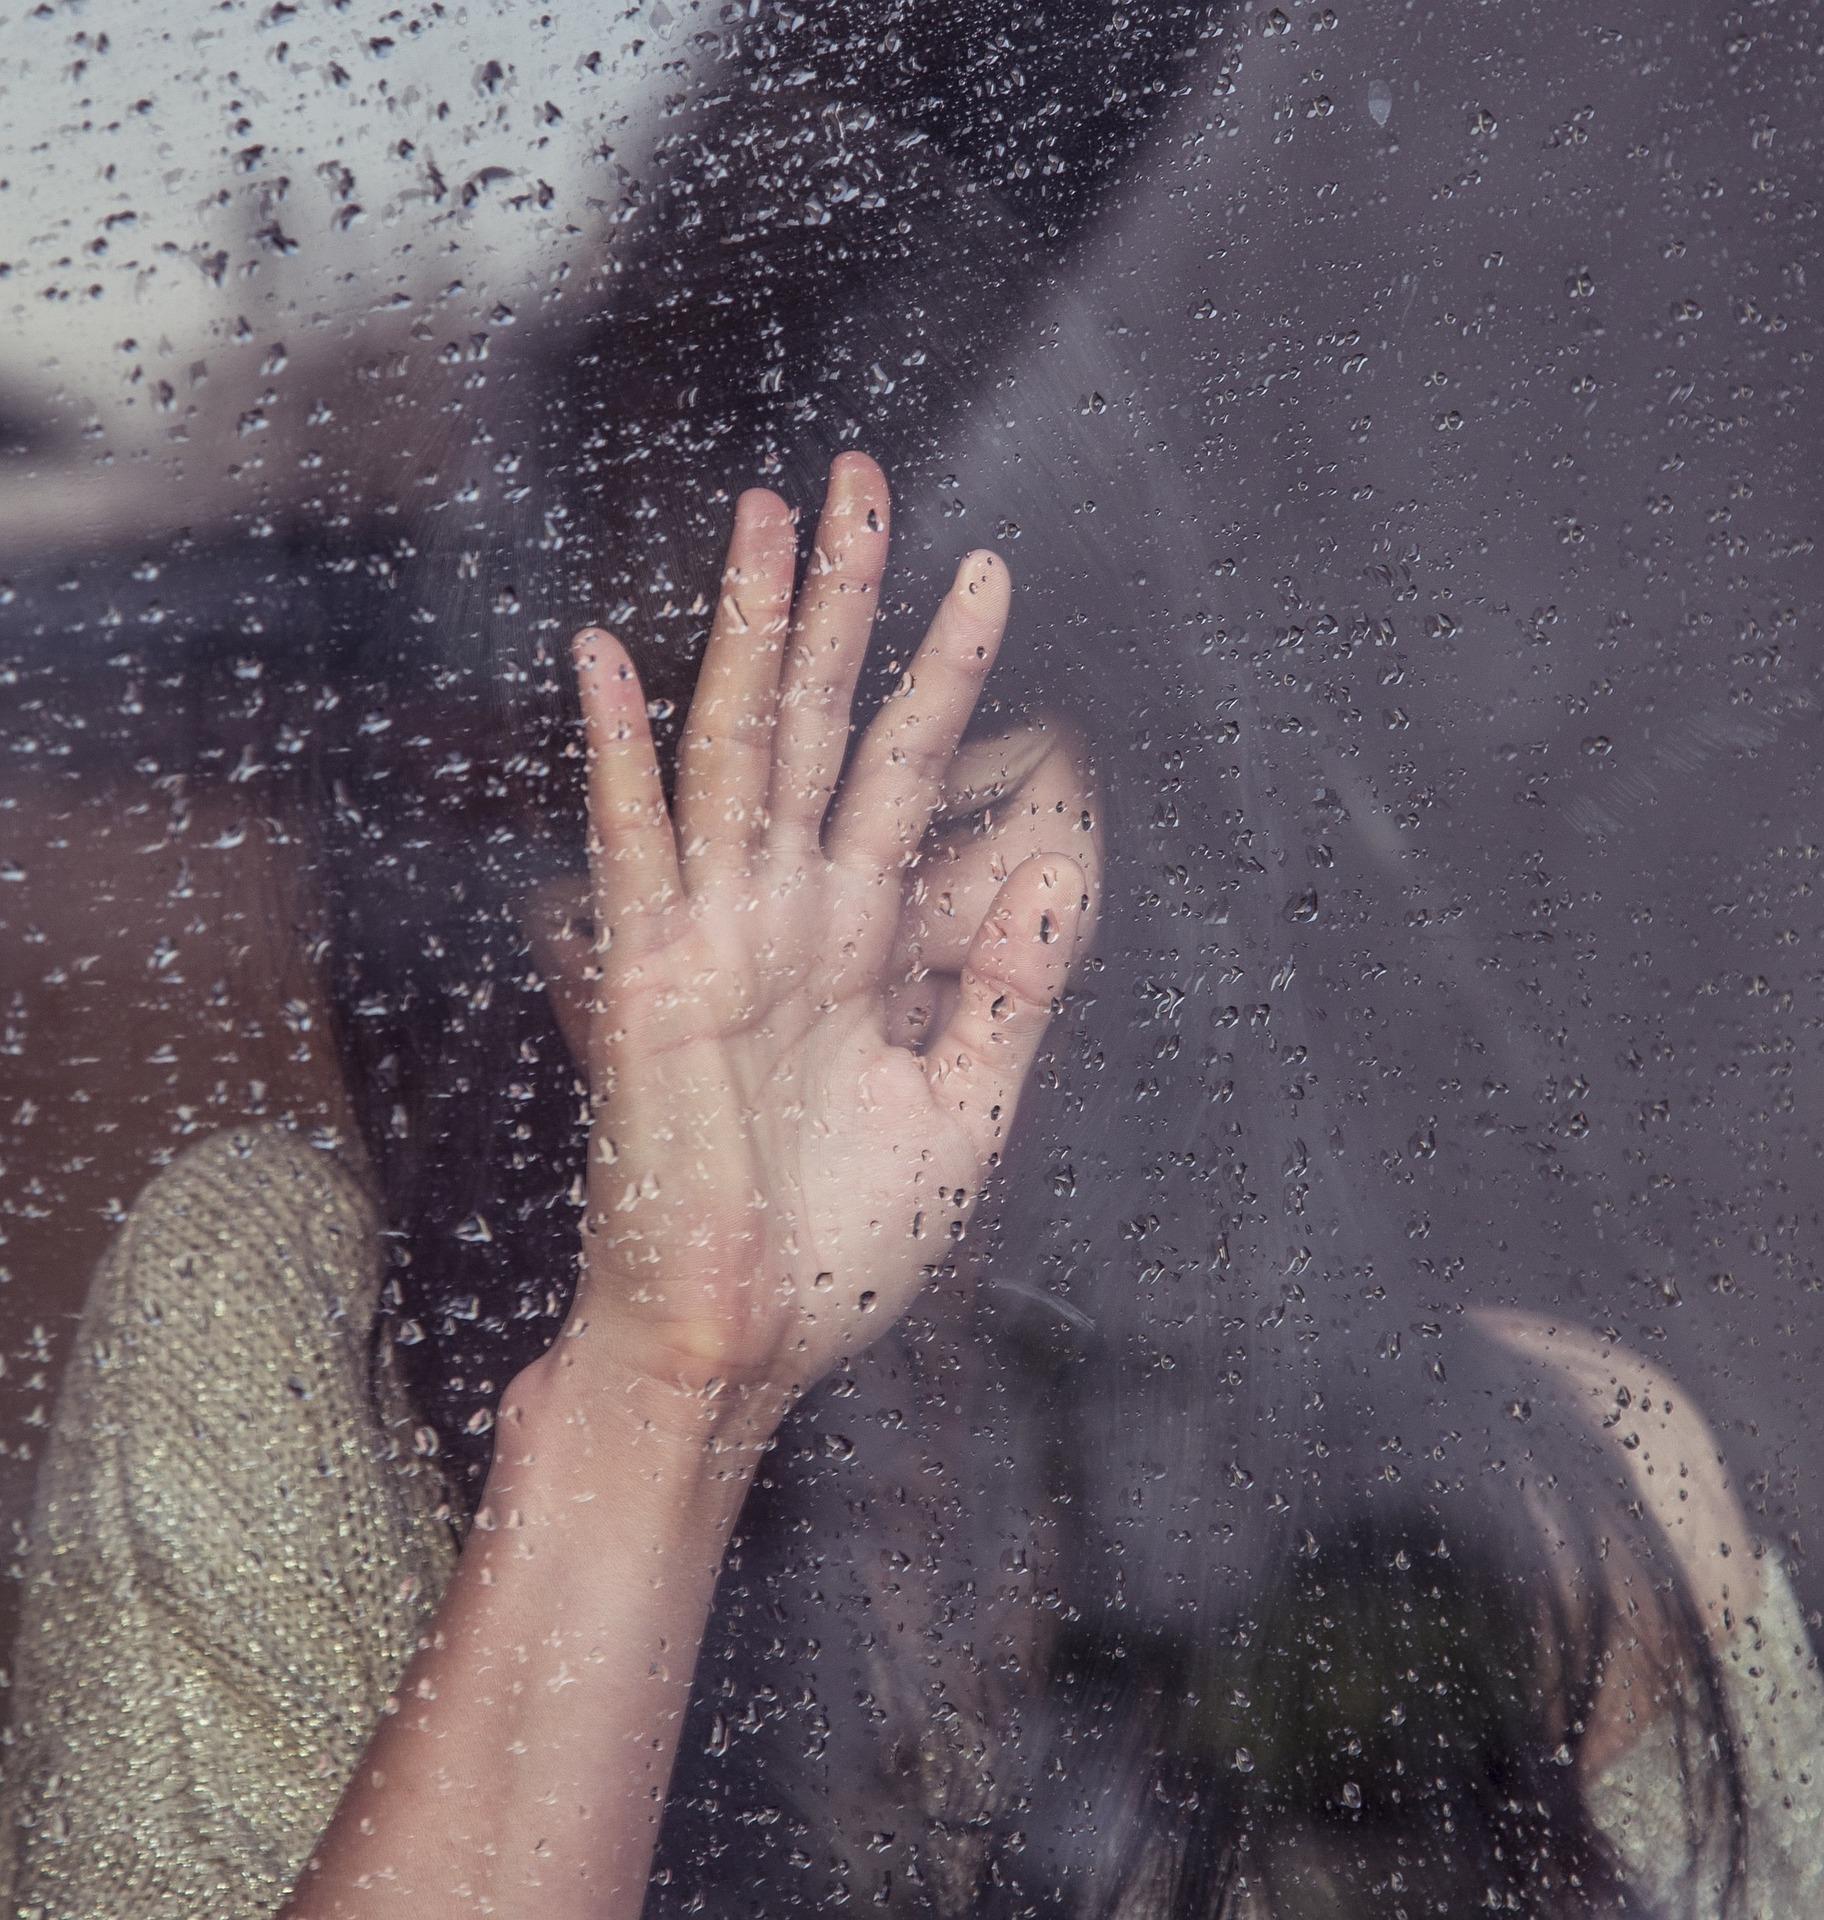 Spava vam se, neraspoloženi ste zbog kiše? Ne brinite, to je normalno